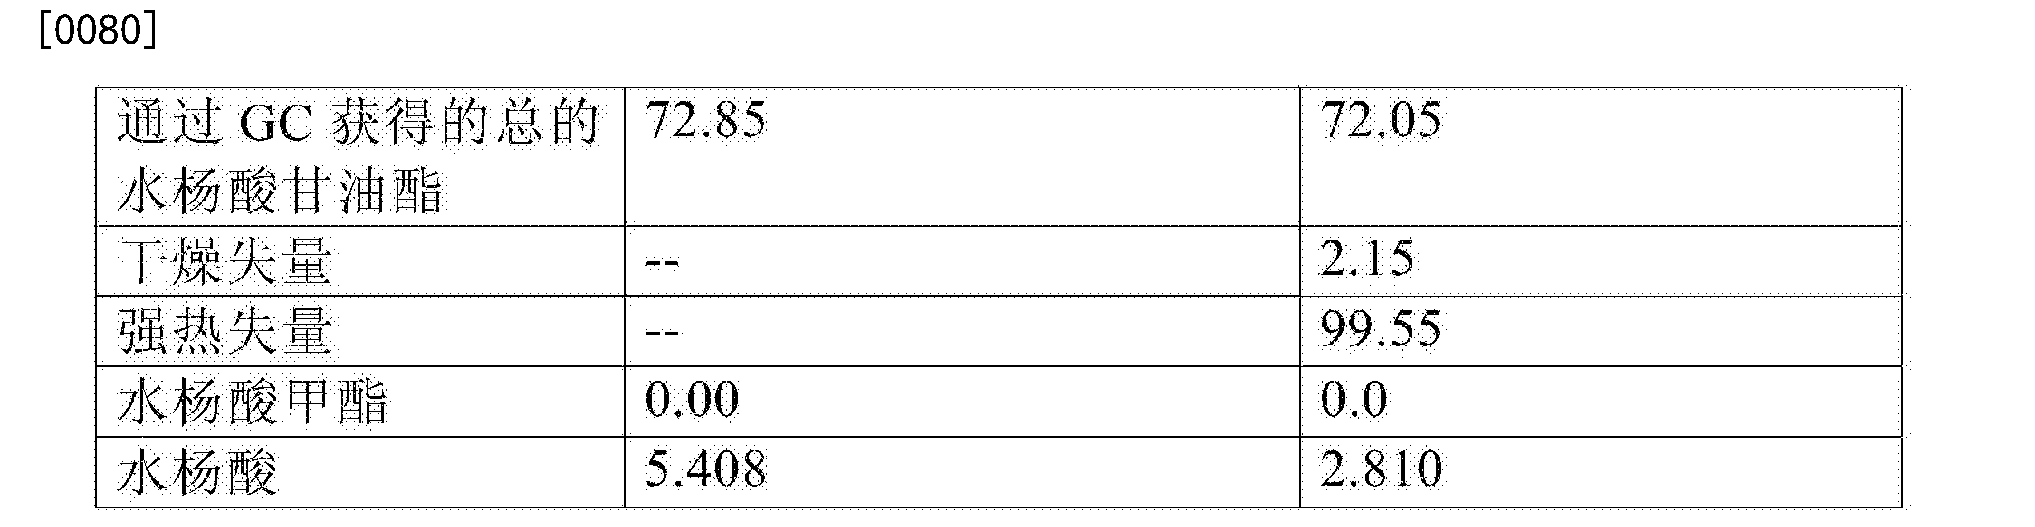 Figure CN105142400BD00181